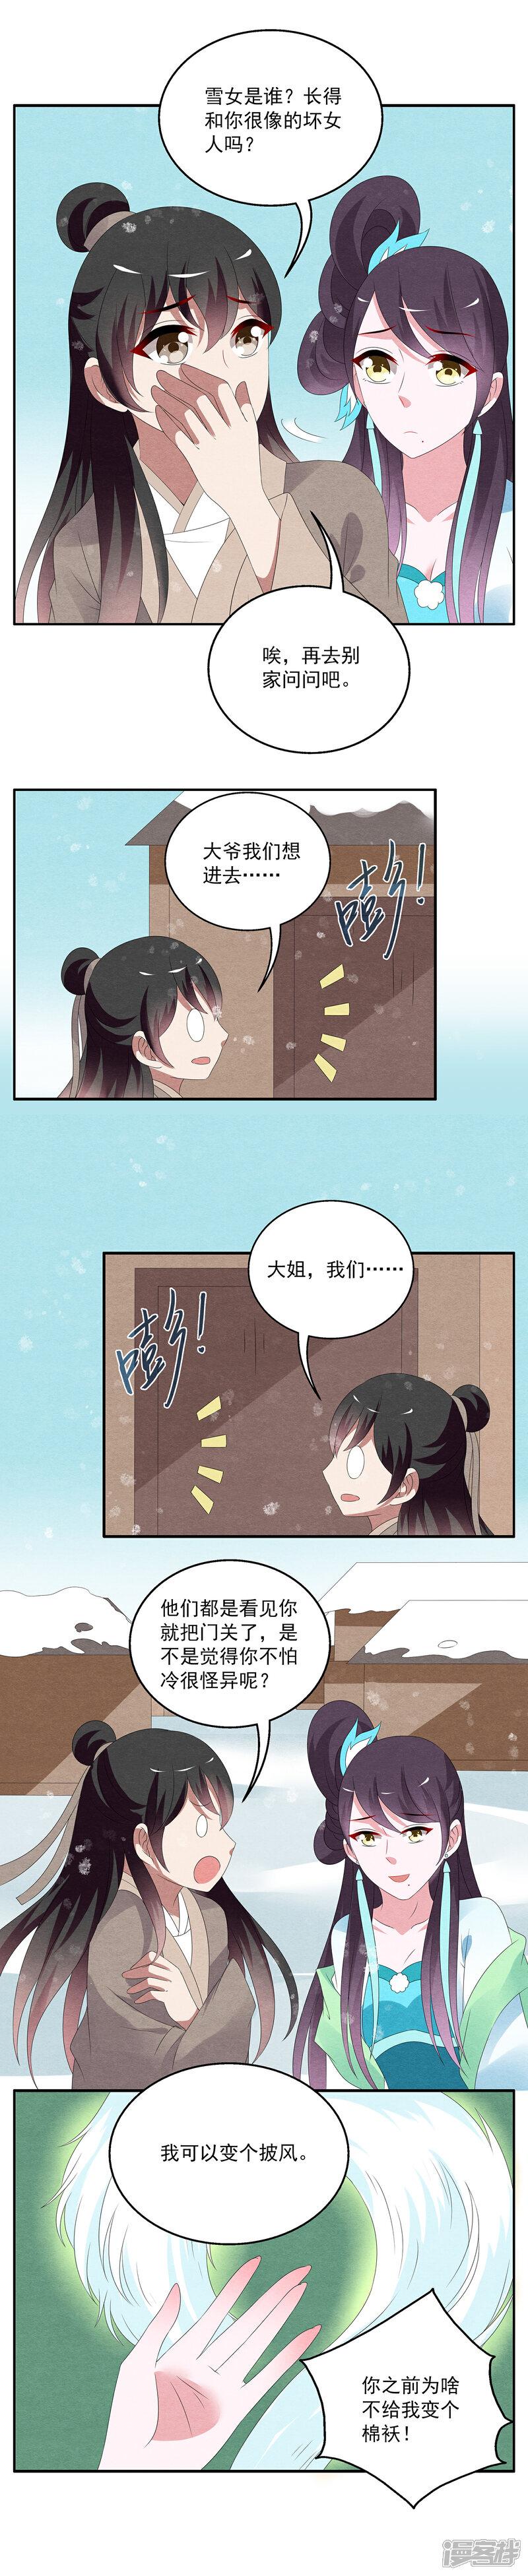 洛小妖88890004.JPG